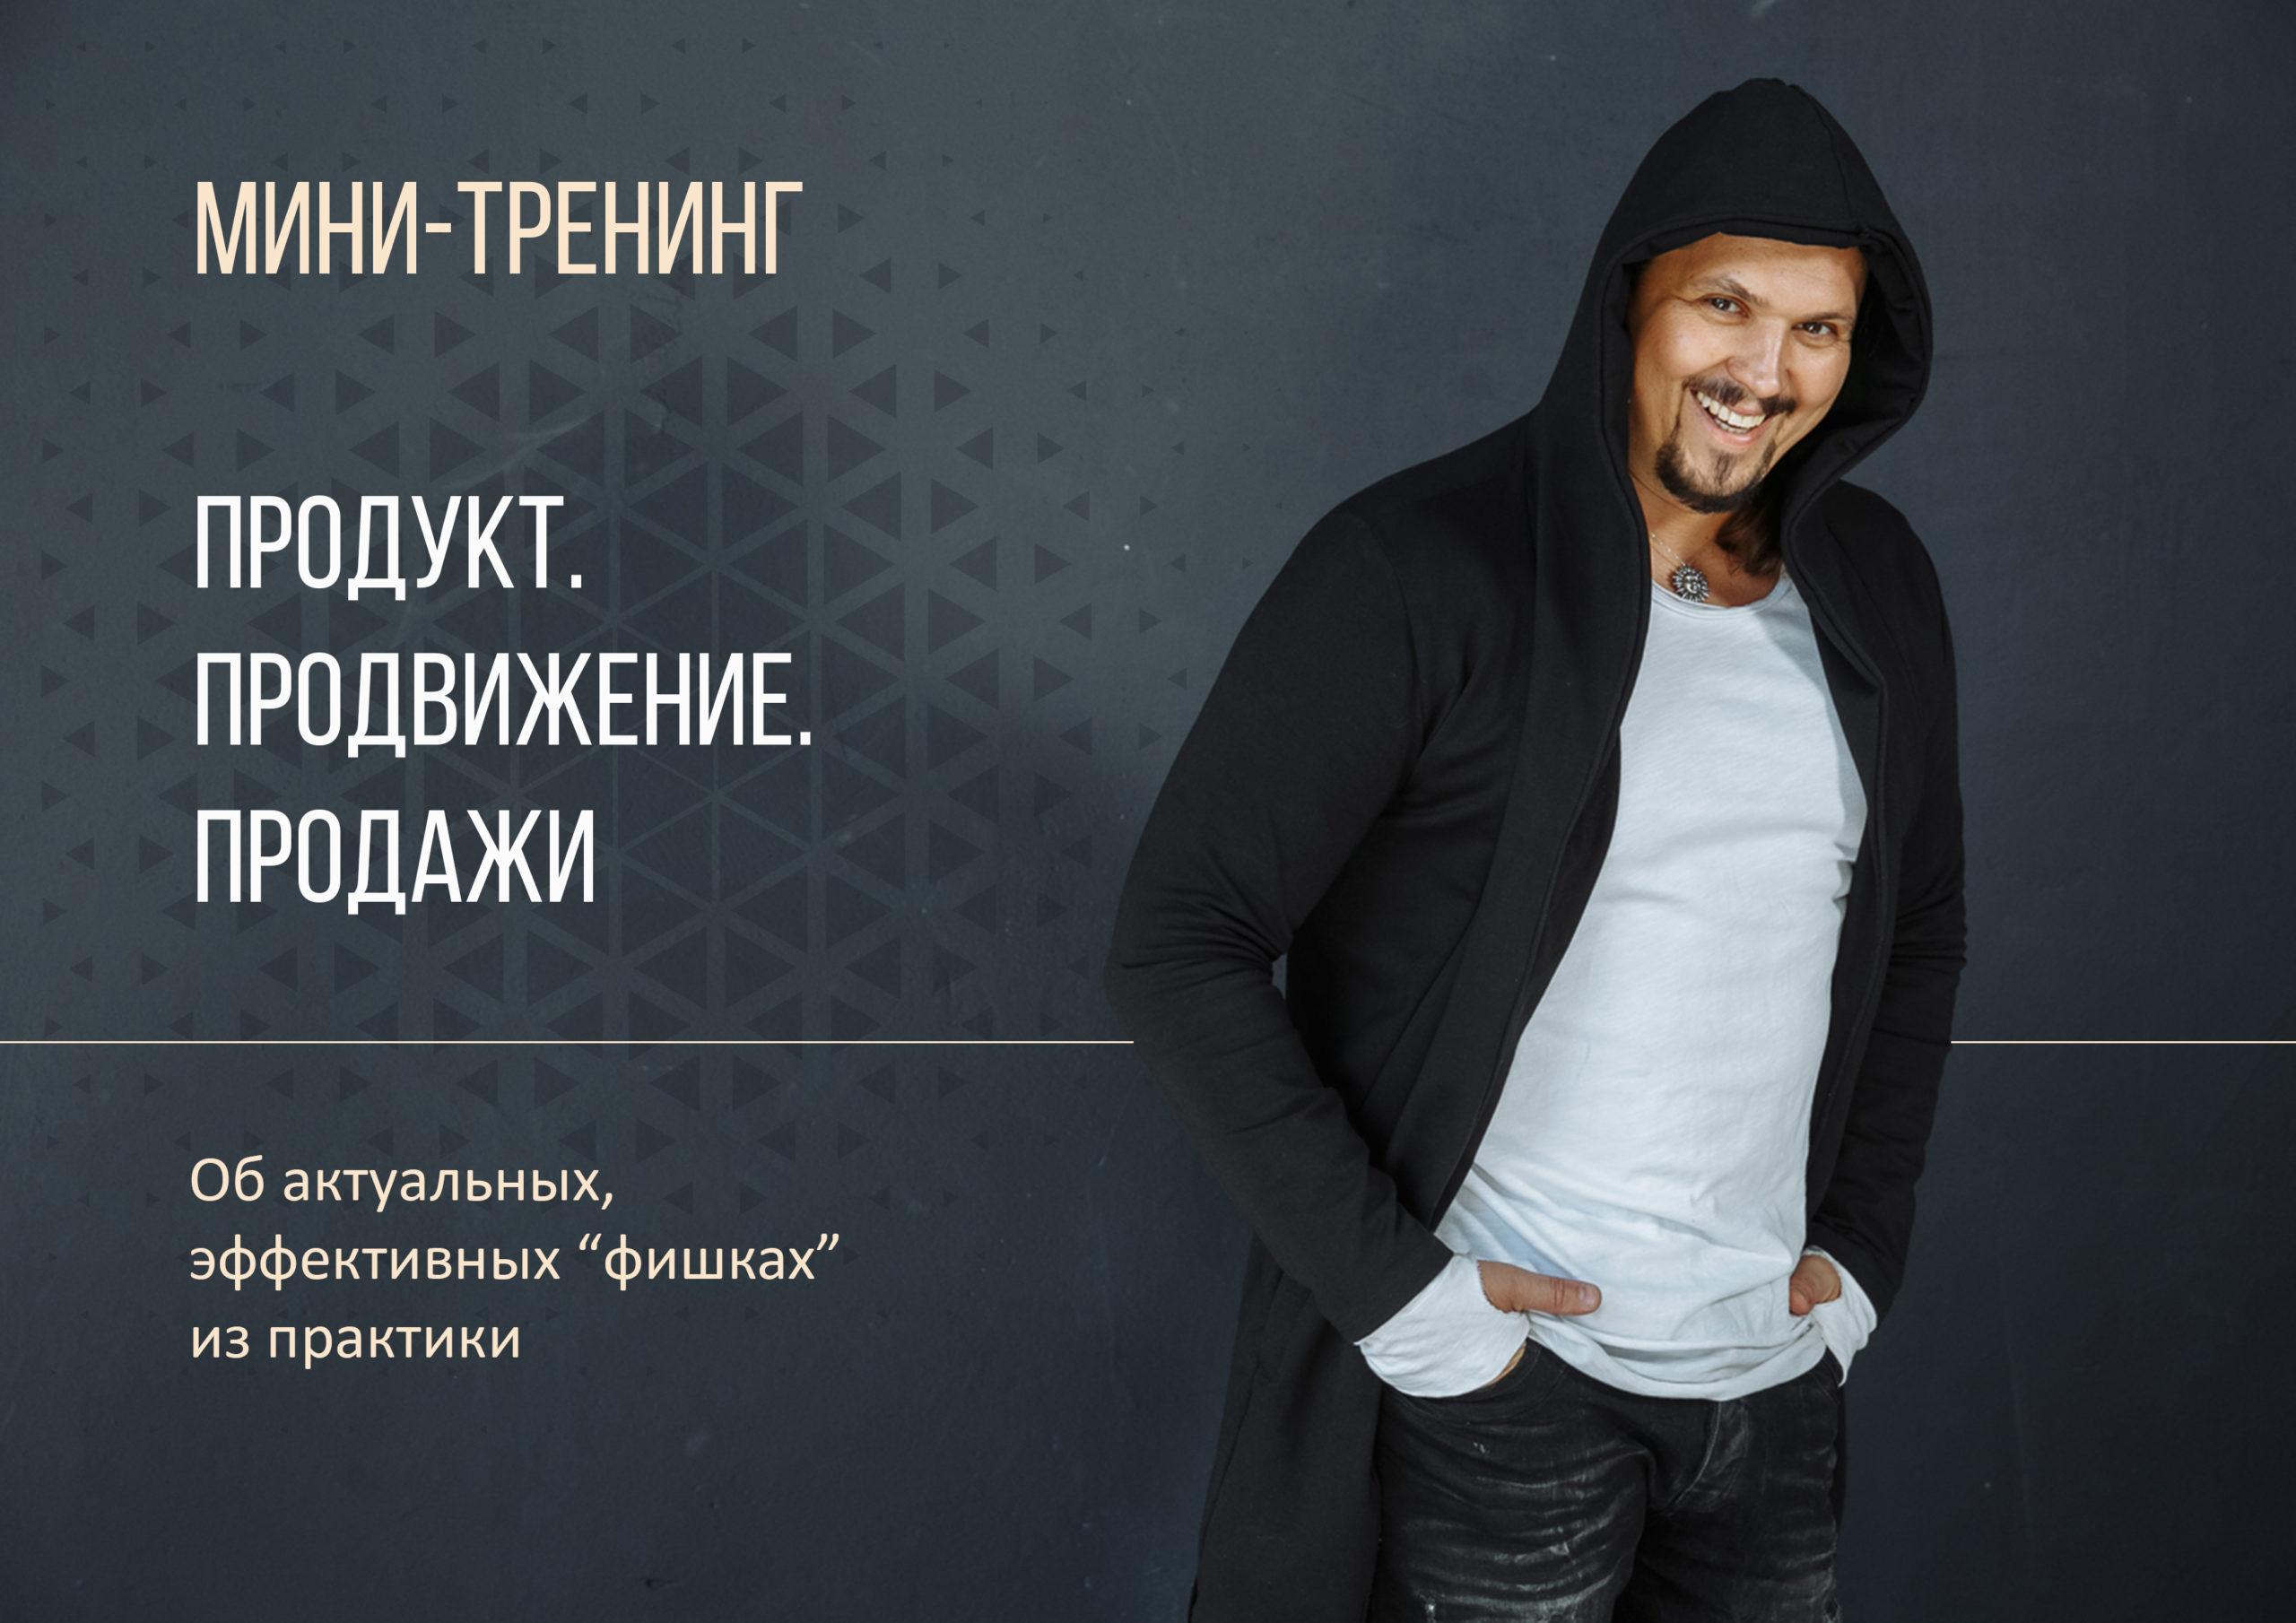 08 Продукт Продвижение Продажи Афиша